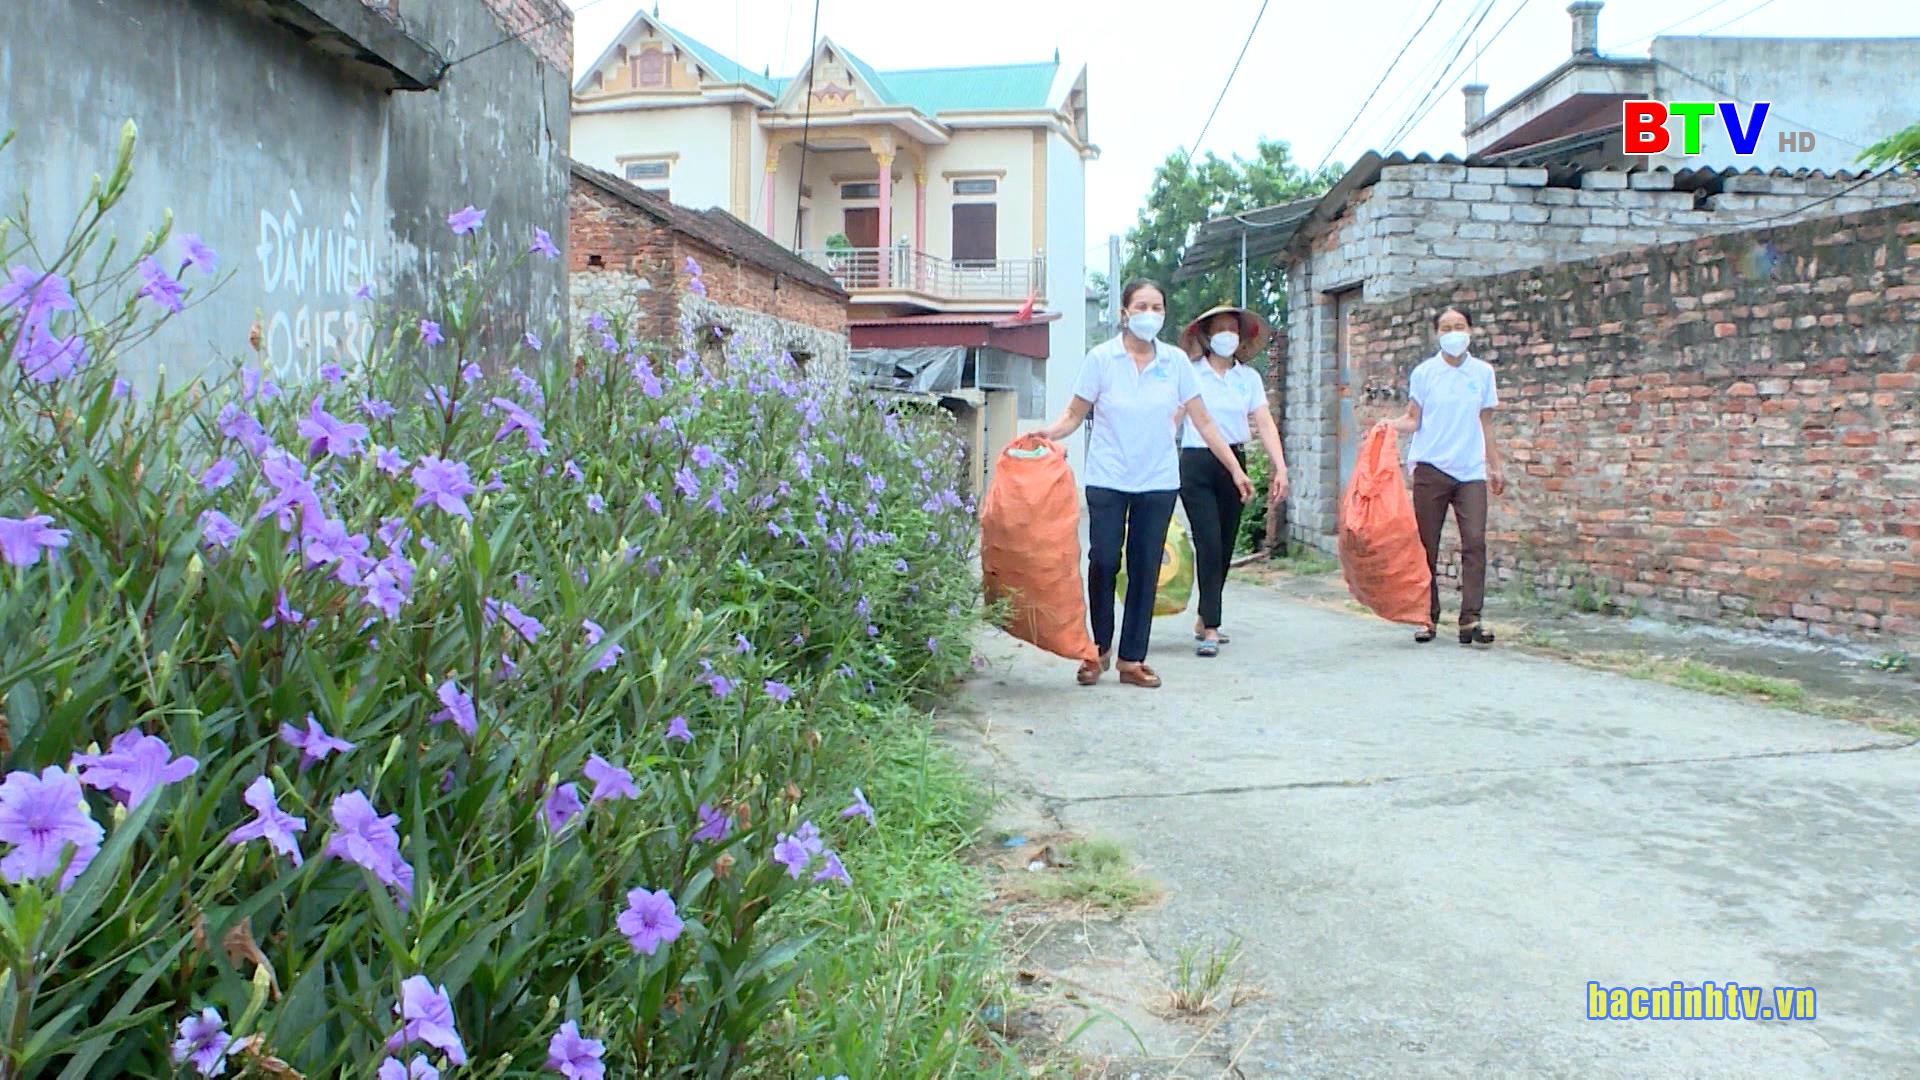 Phụ nữ Bắc Ninh chung tay bảo vệ môi trường